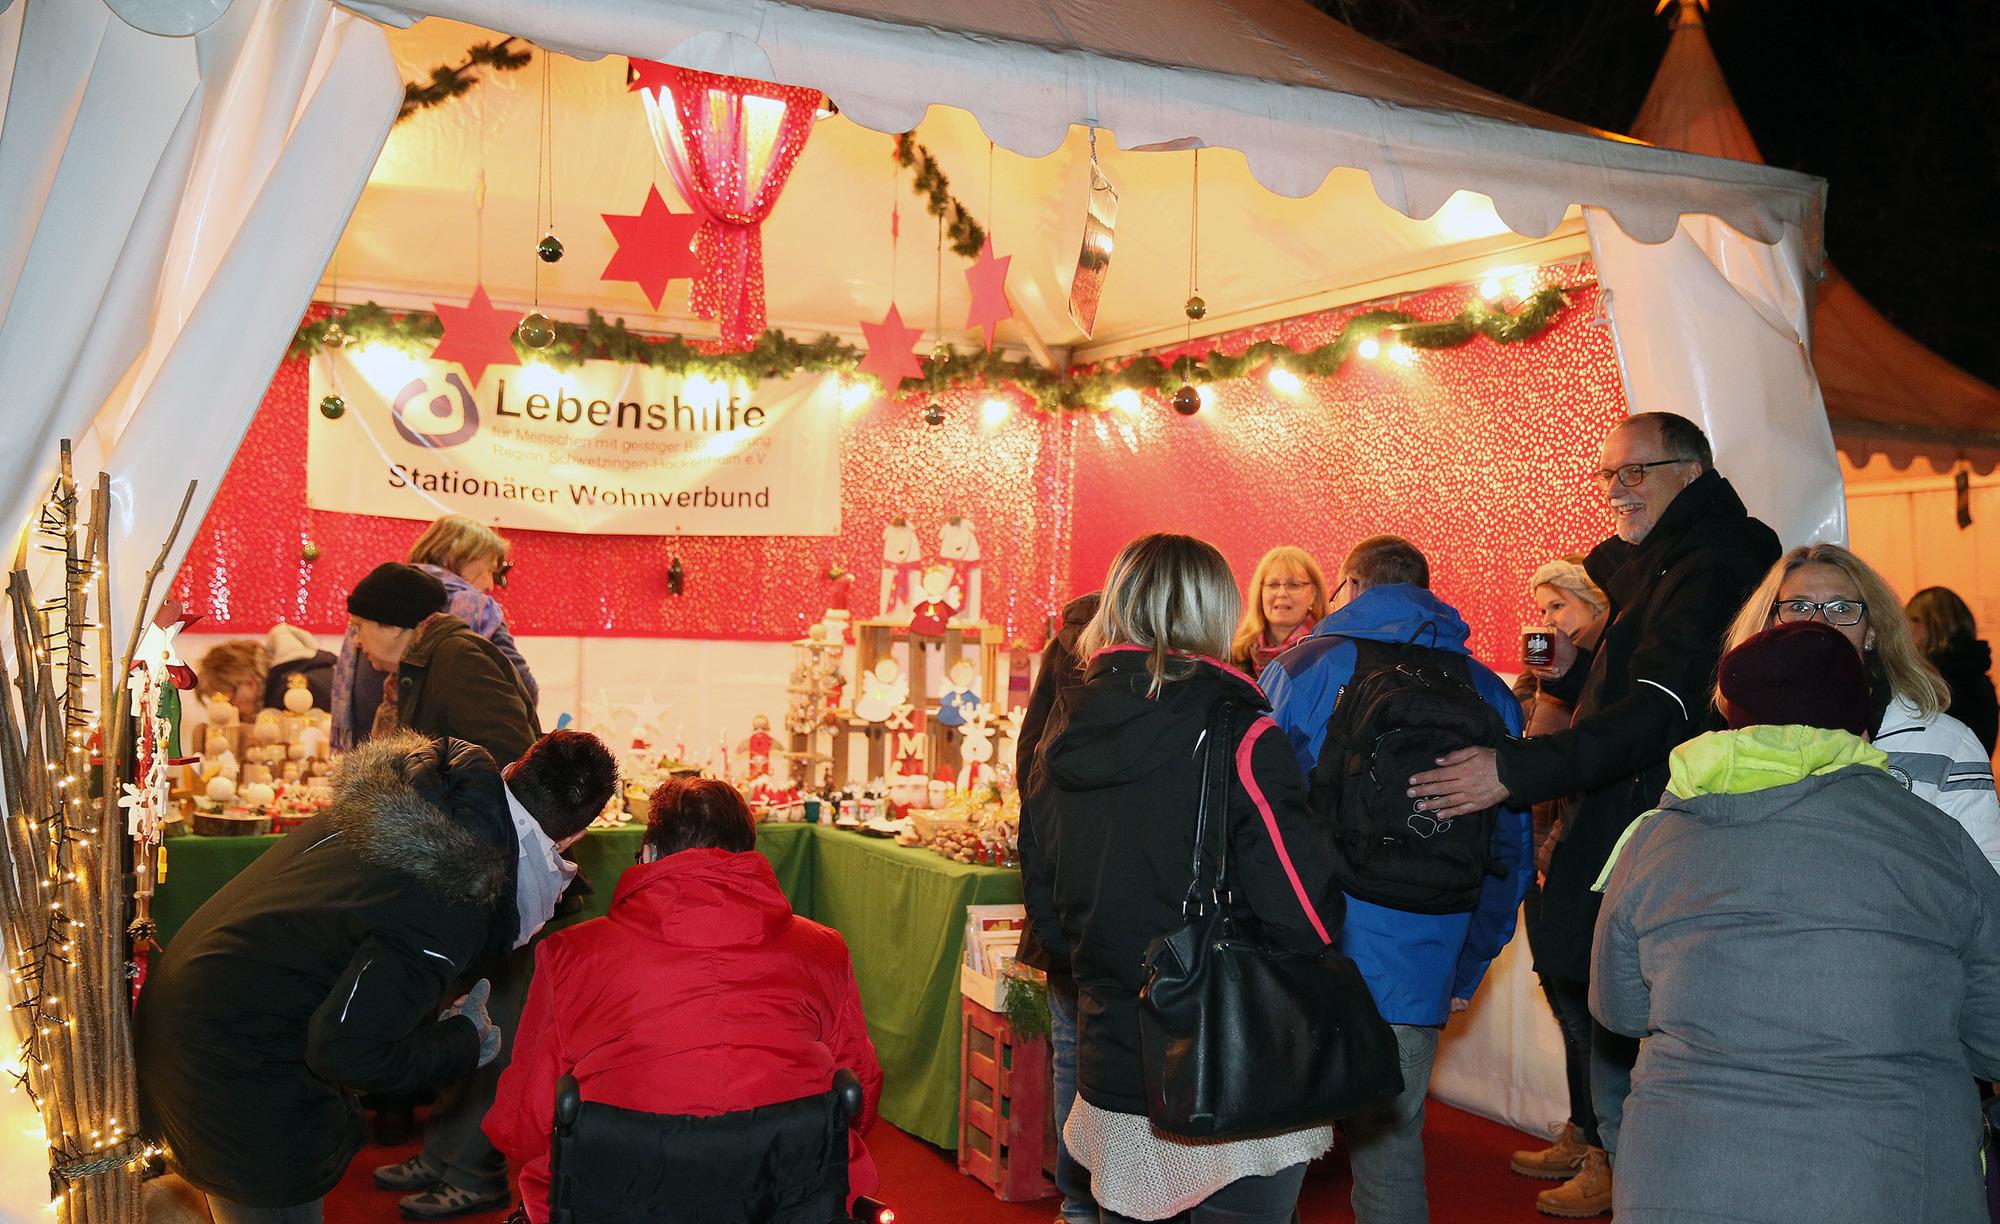 Weihnachtsmarkt Schwetzingen.Weihnachtsmarkt In Schwetzingen Die Fotogalerie Fotogalerien